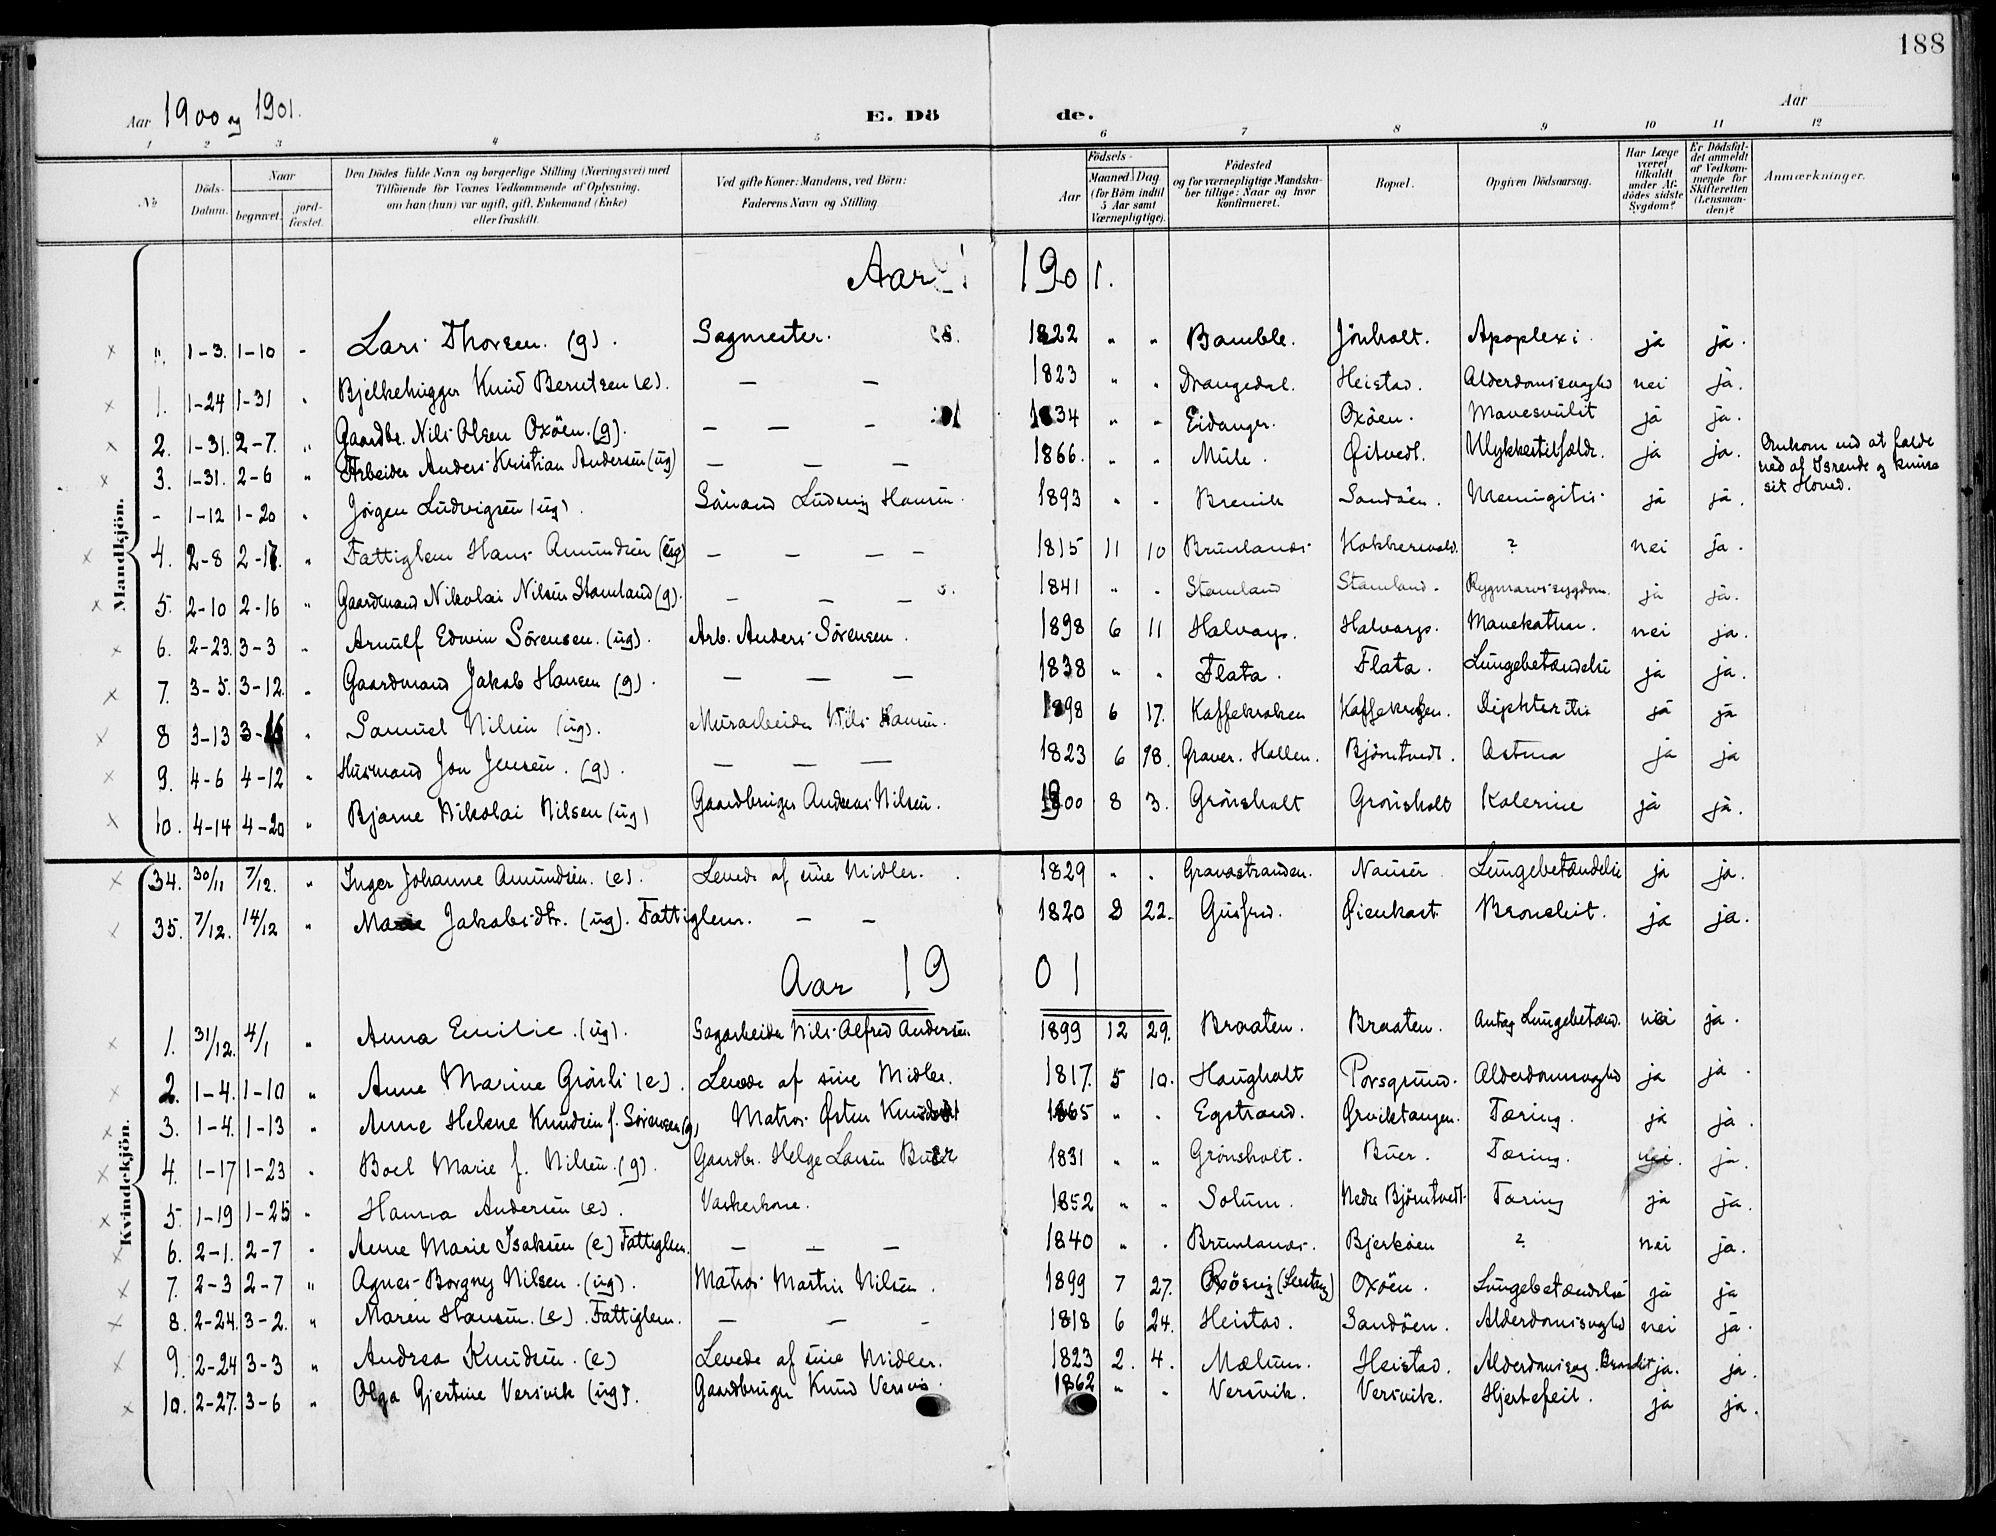 SAKO, Eidanger kirkebøker, F/Fa/L0013: Ministerialbok nr. 13, 1900-1913, s. 188